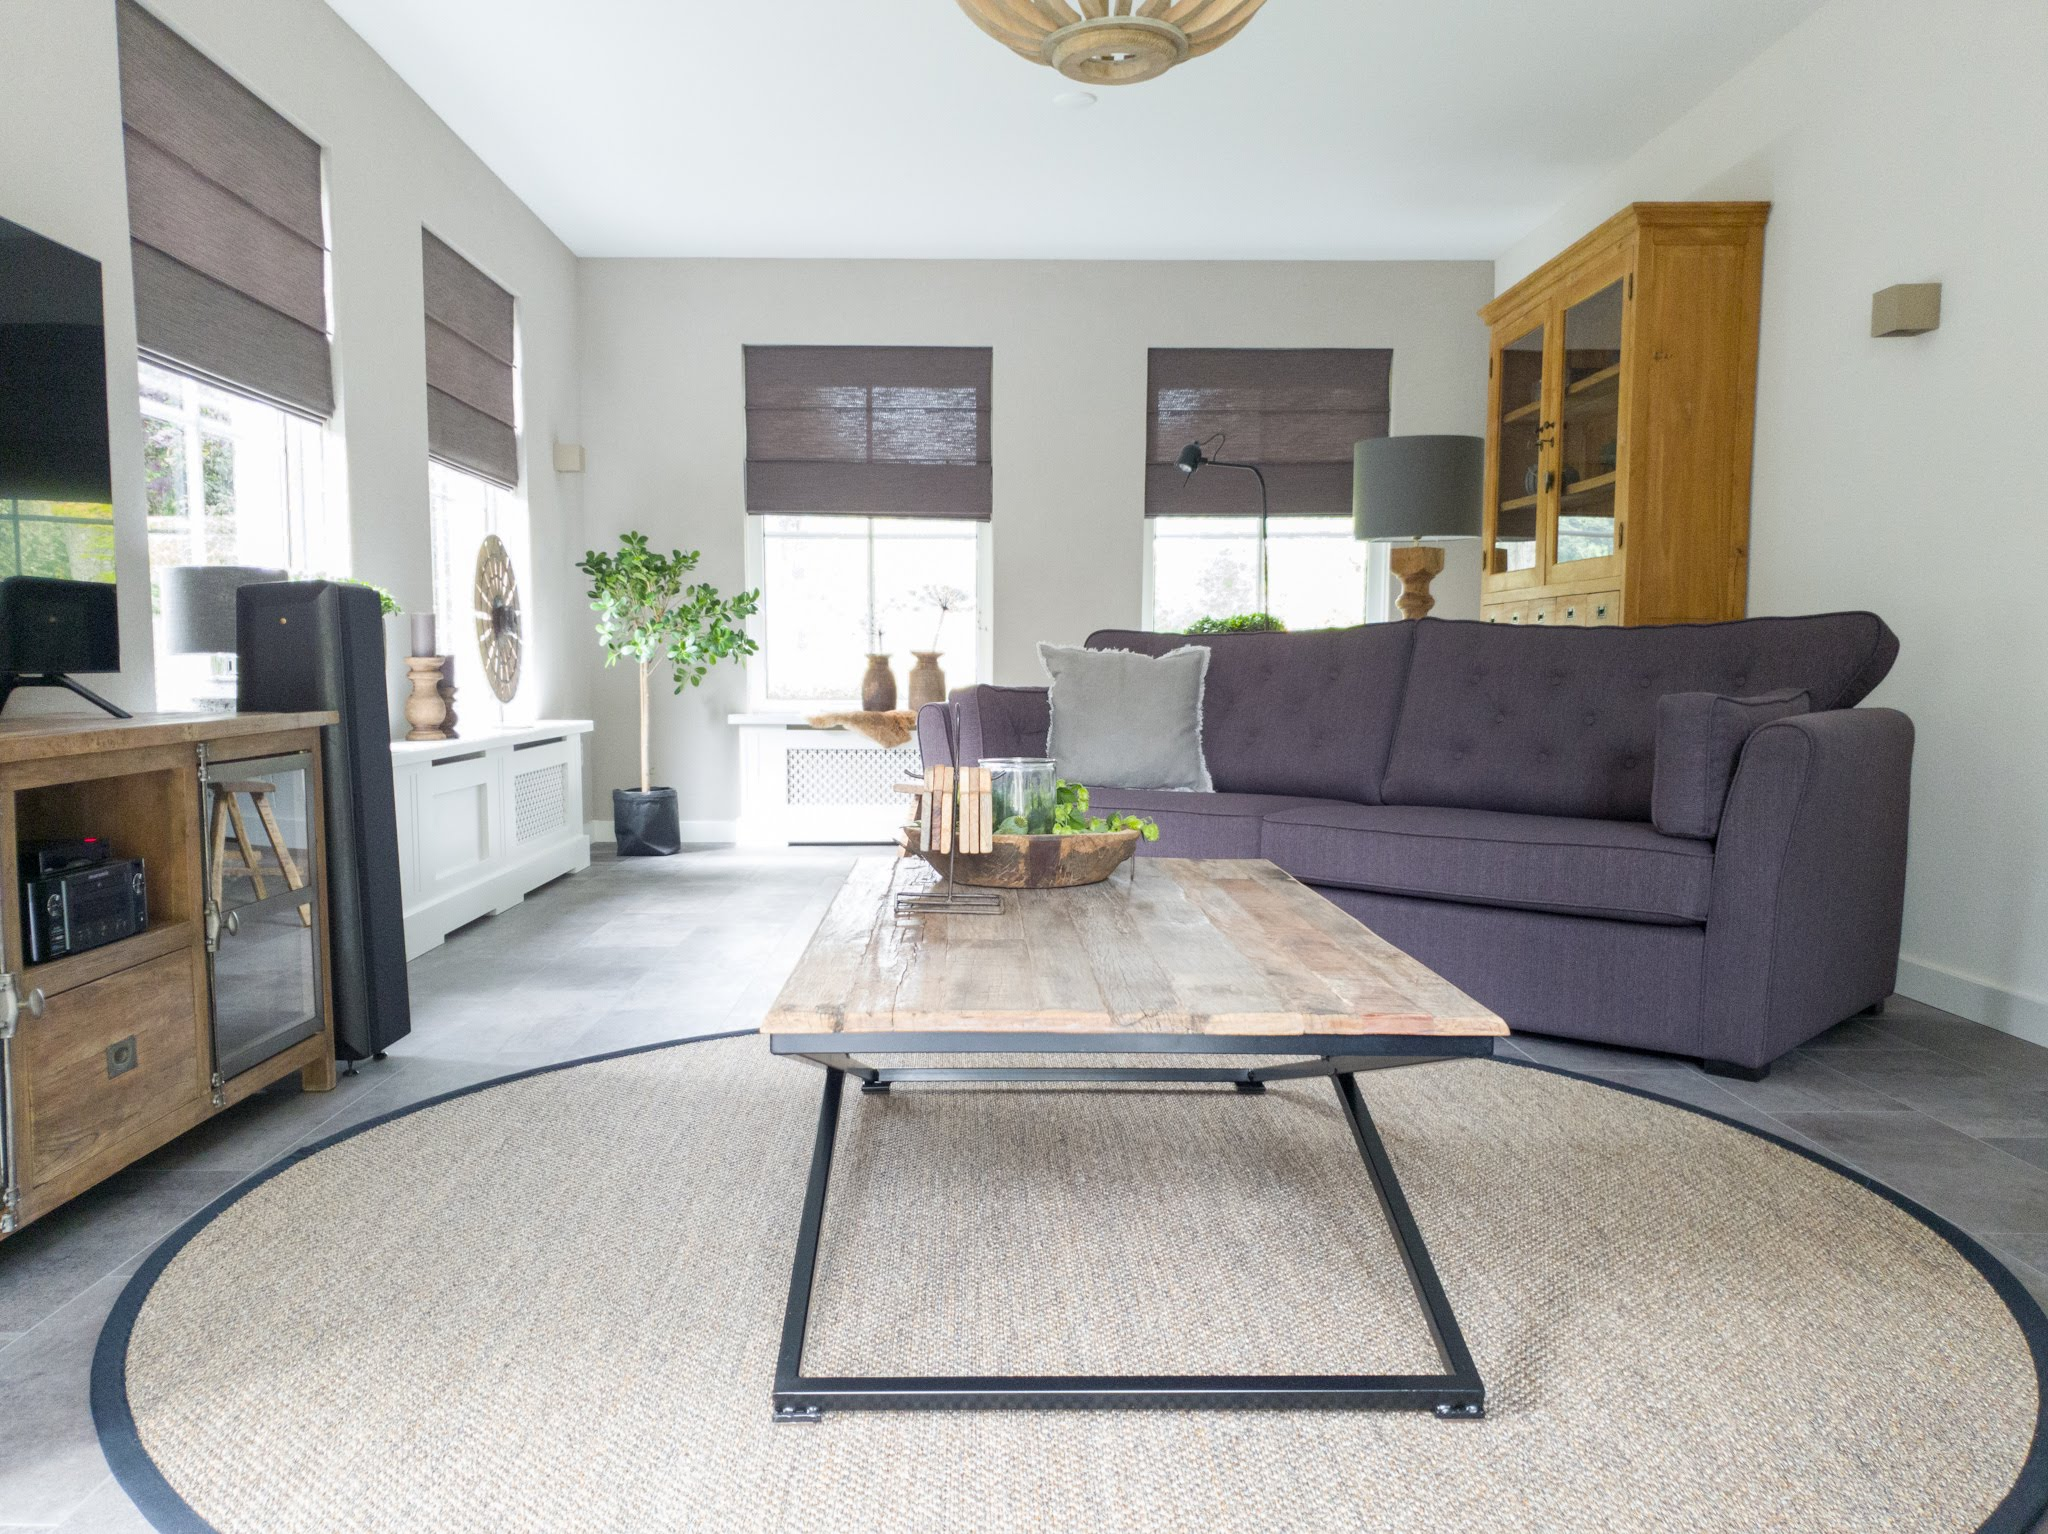 Landelijke herinrichting woonkamer keuken sandra's interieurstyling (5)